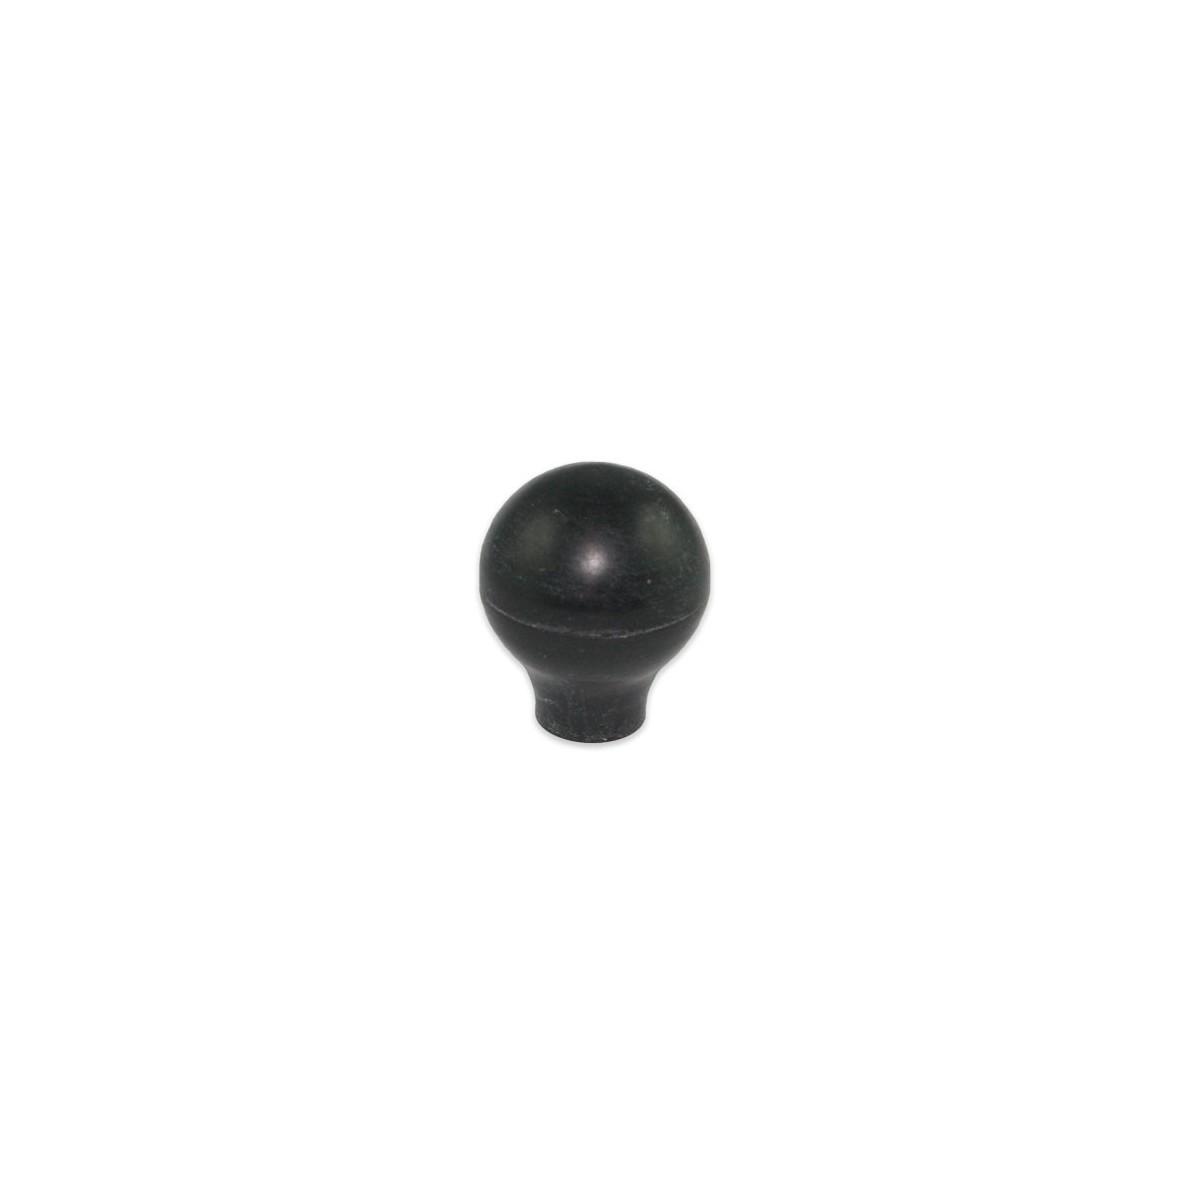 Gałka dźwigni gazu ręcznego 29-34 mm Iseki TS -do wszystkich modeli